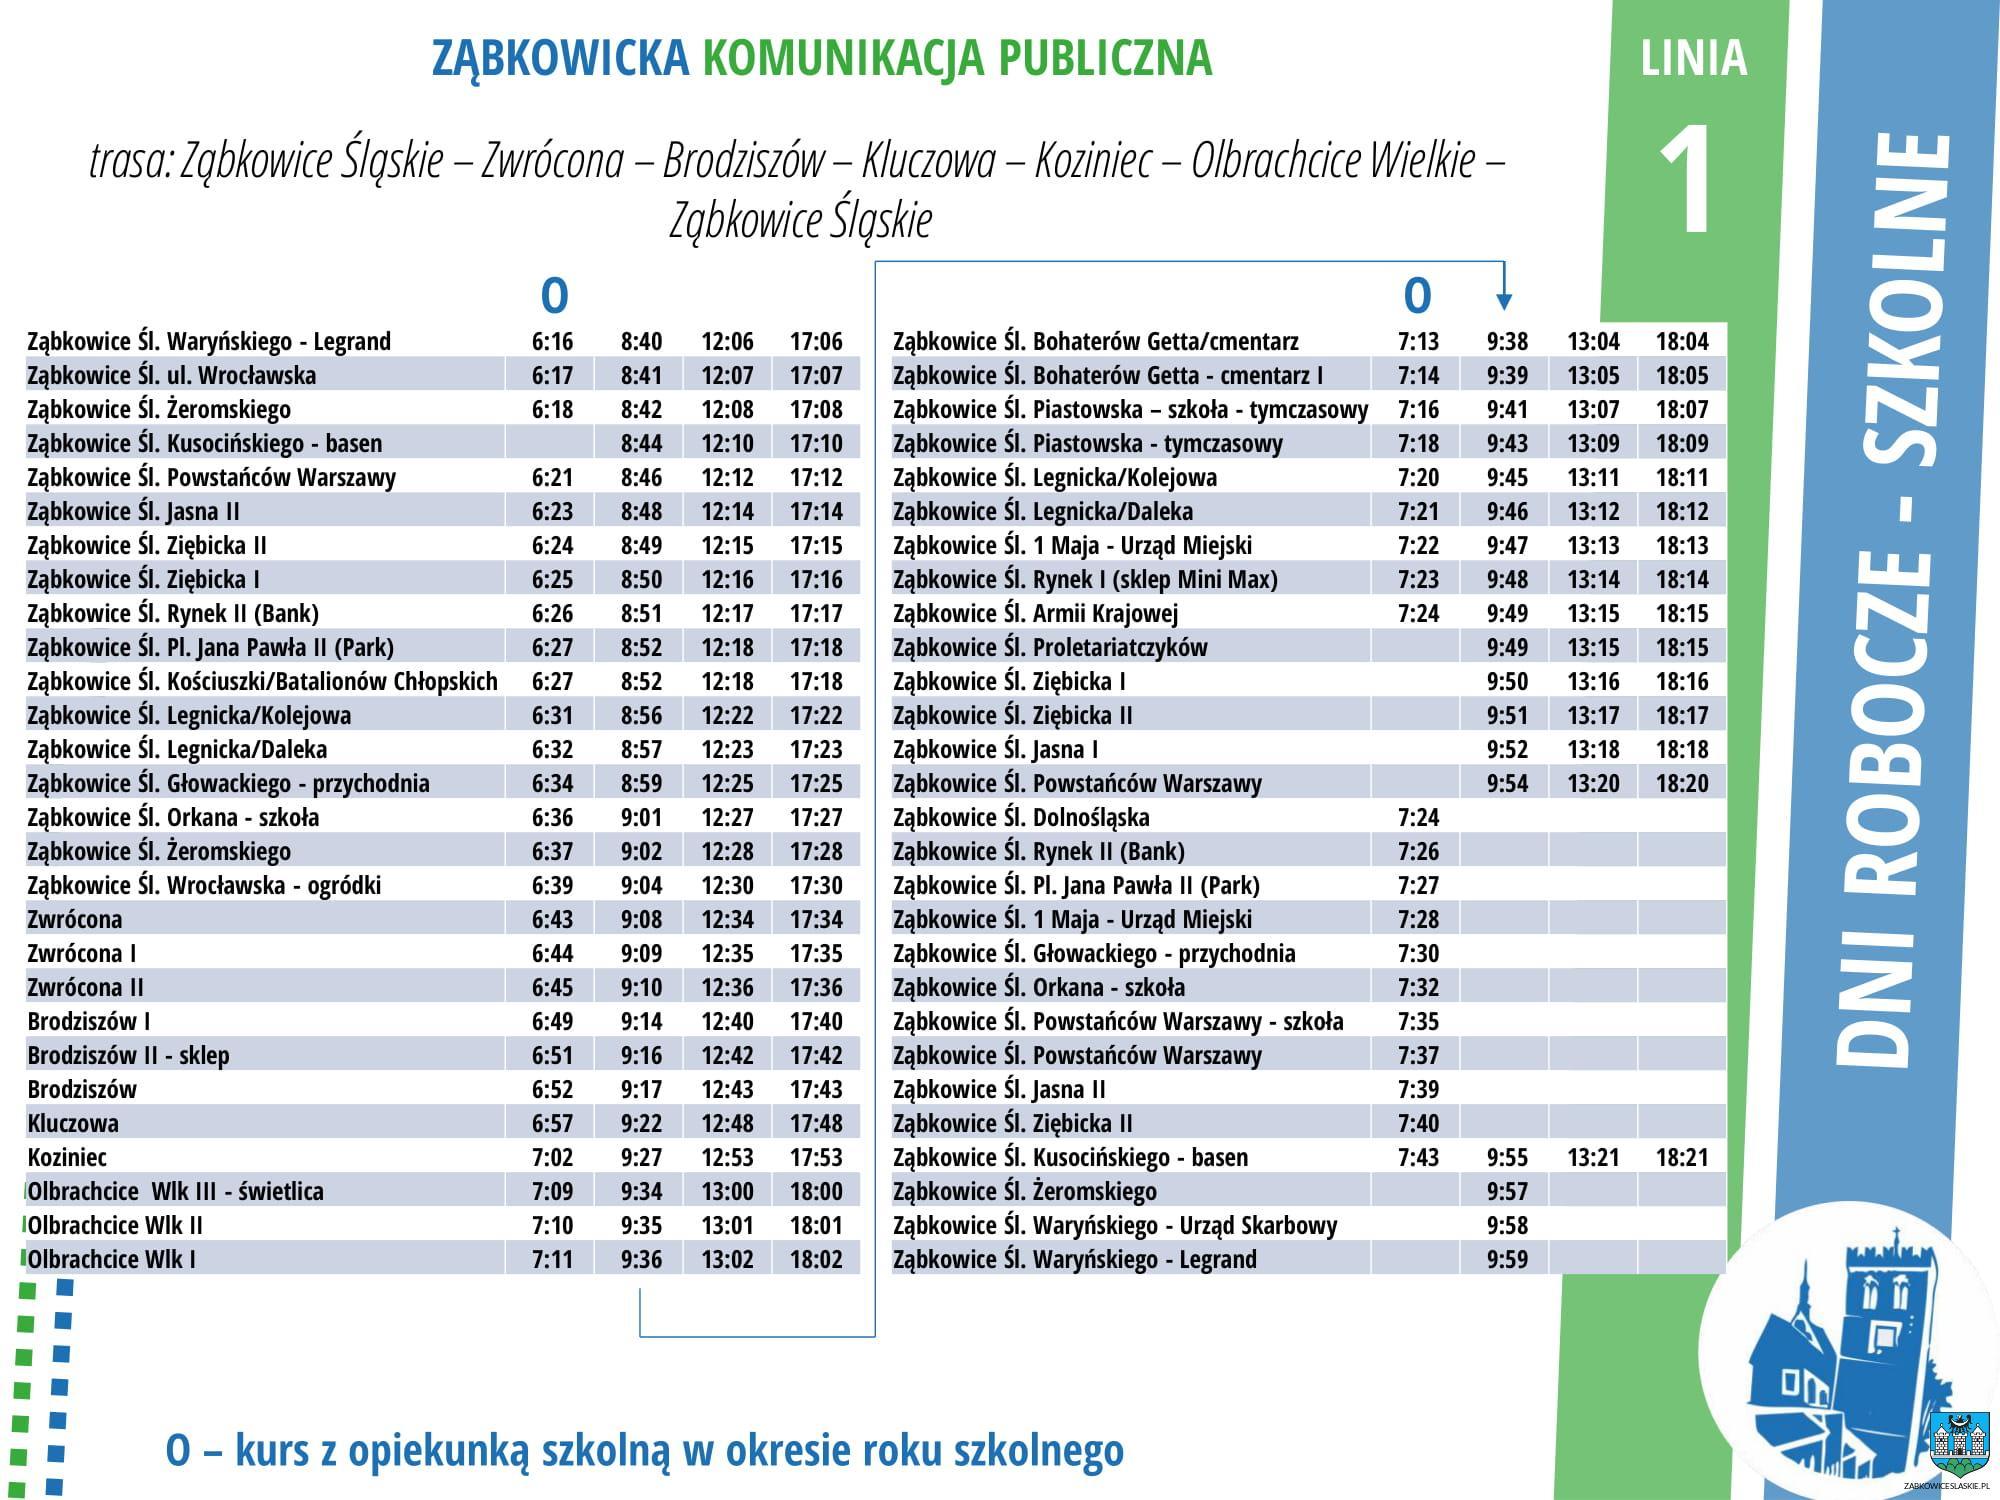 Ząbkowice Śl. Sprawdź rozkład jazdy komunikacji miejskiej w wakacje - Zdjęcie główne